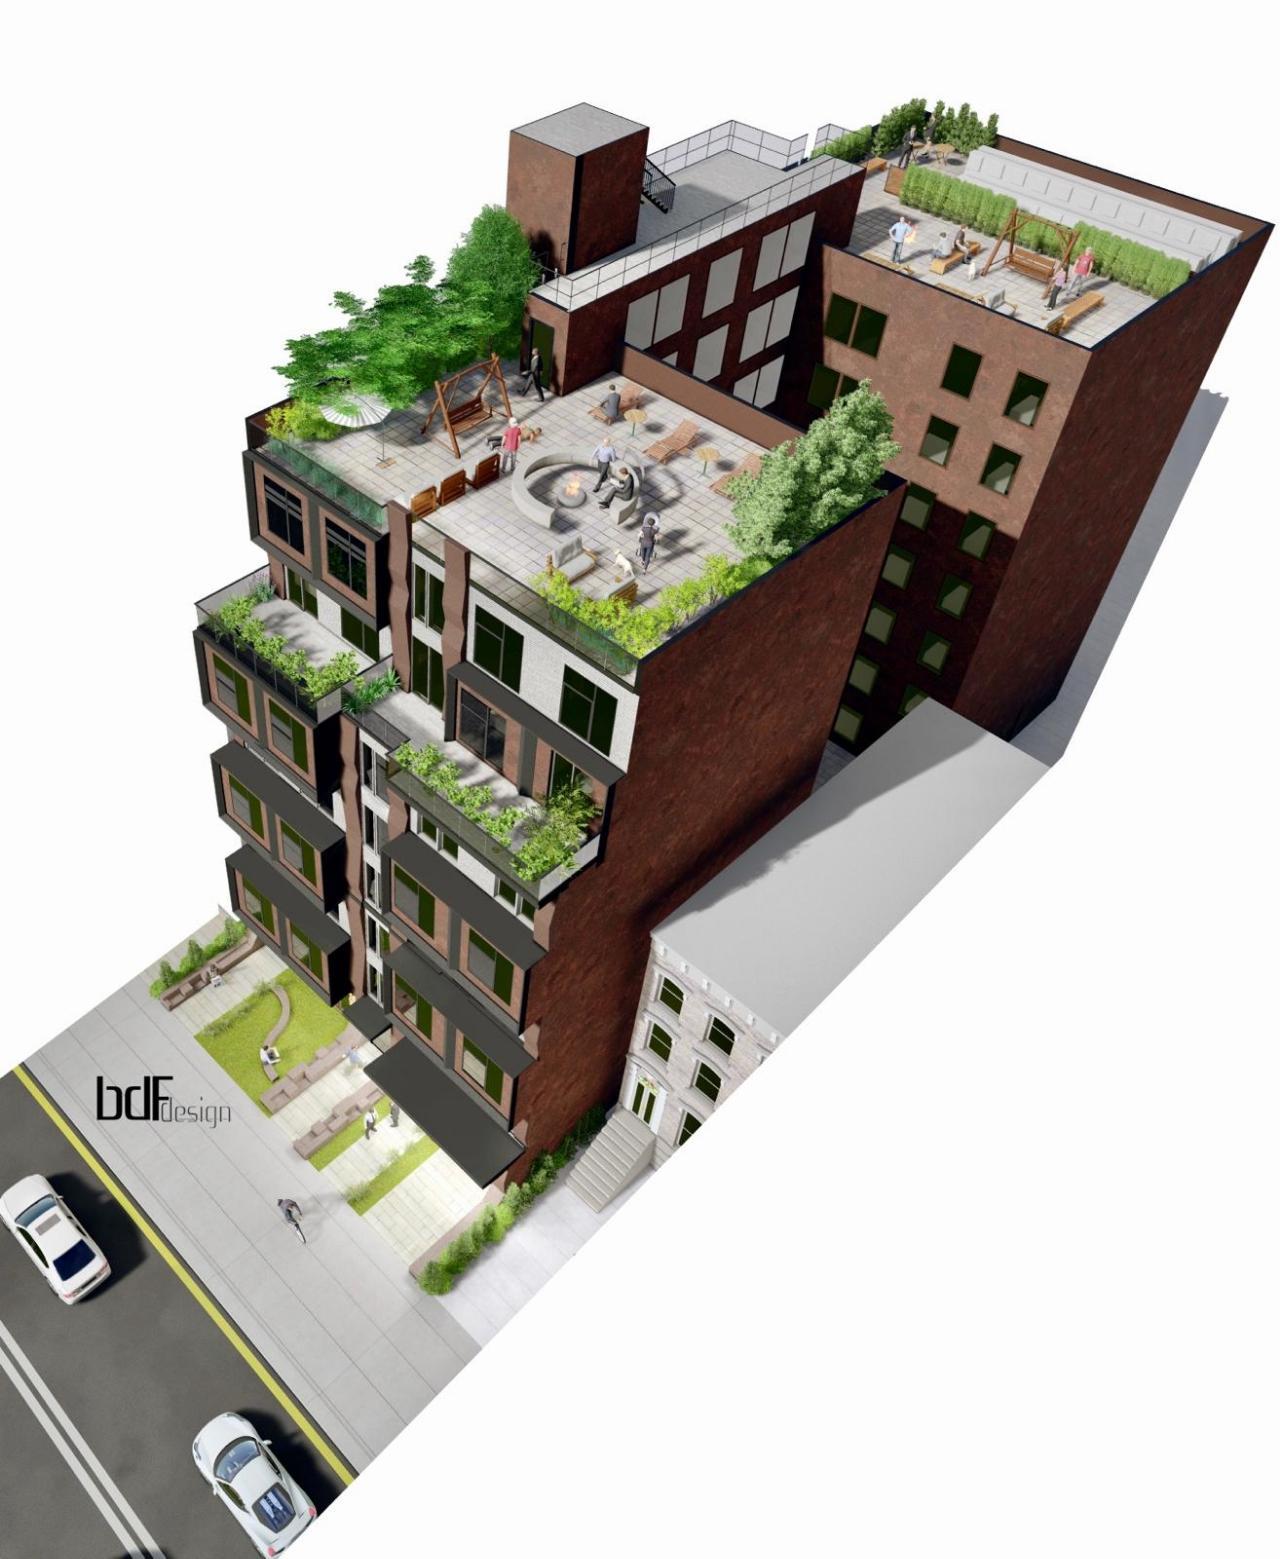 Aerial rendering of 150 Lenox Road - BDF Designs